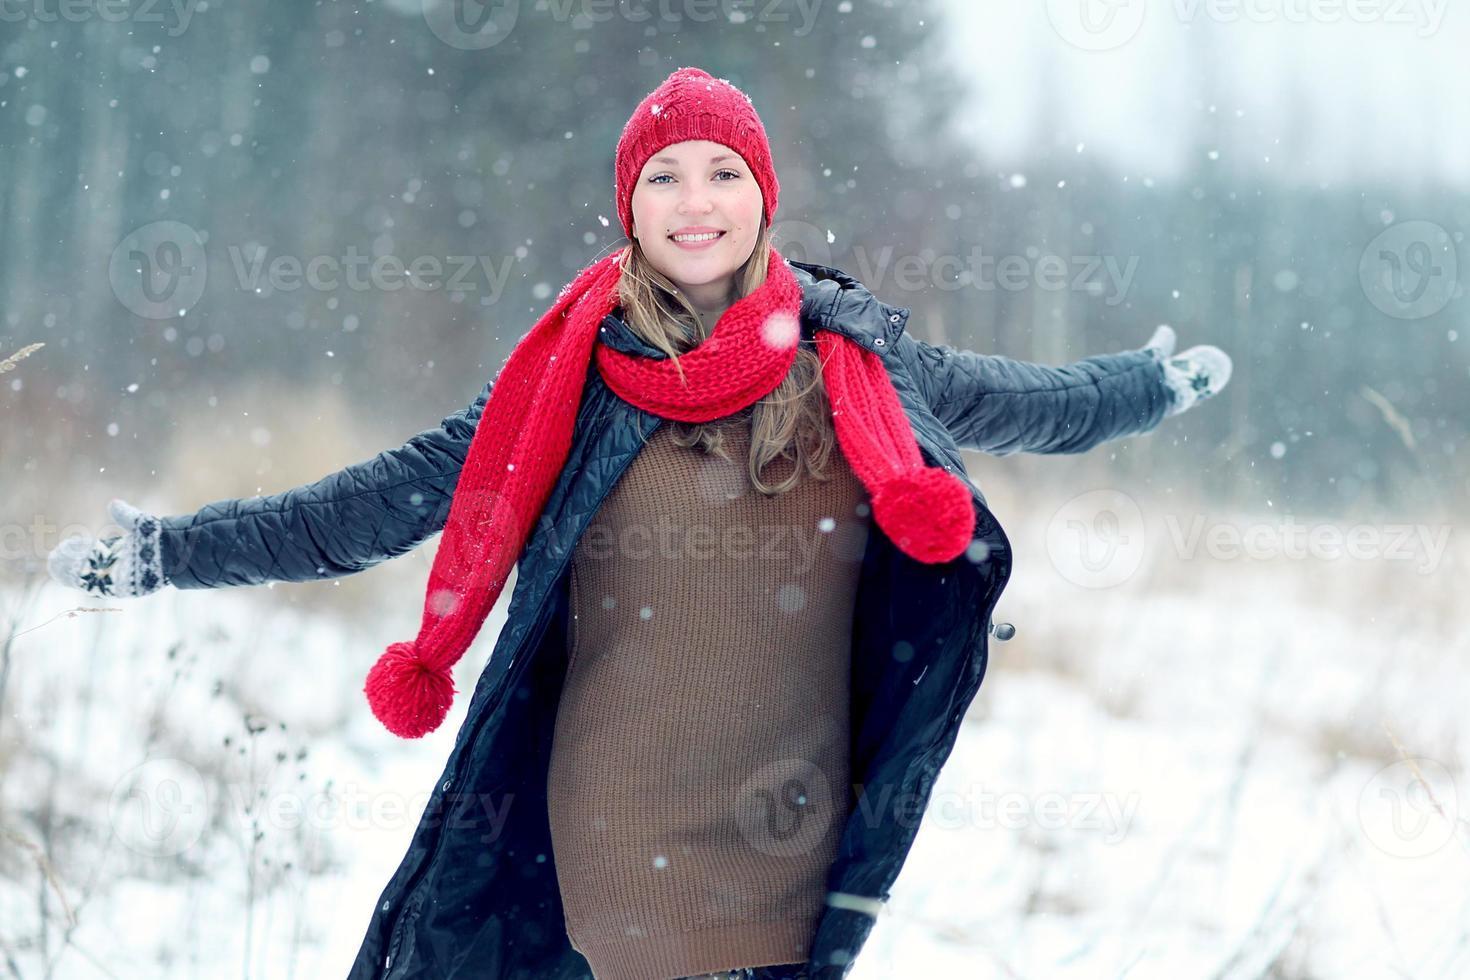 menina feliz inverno neve é executado foto